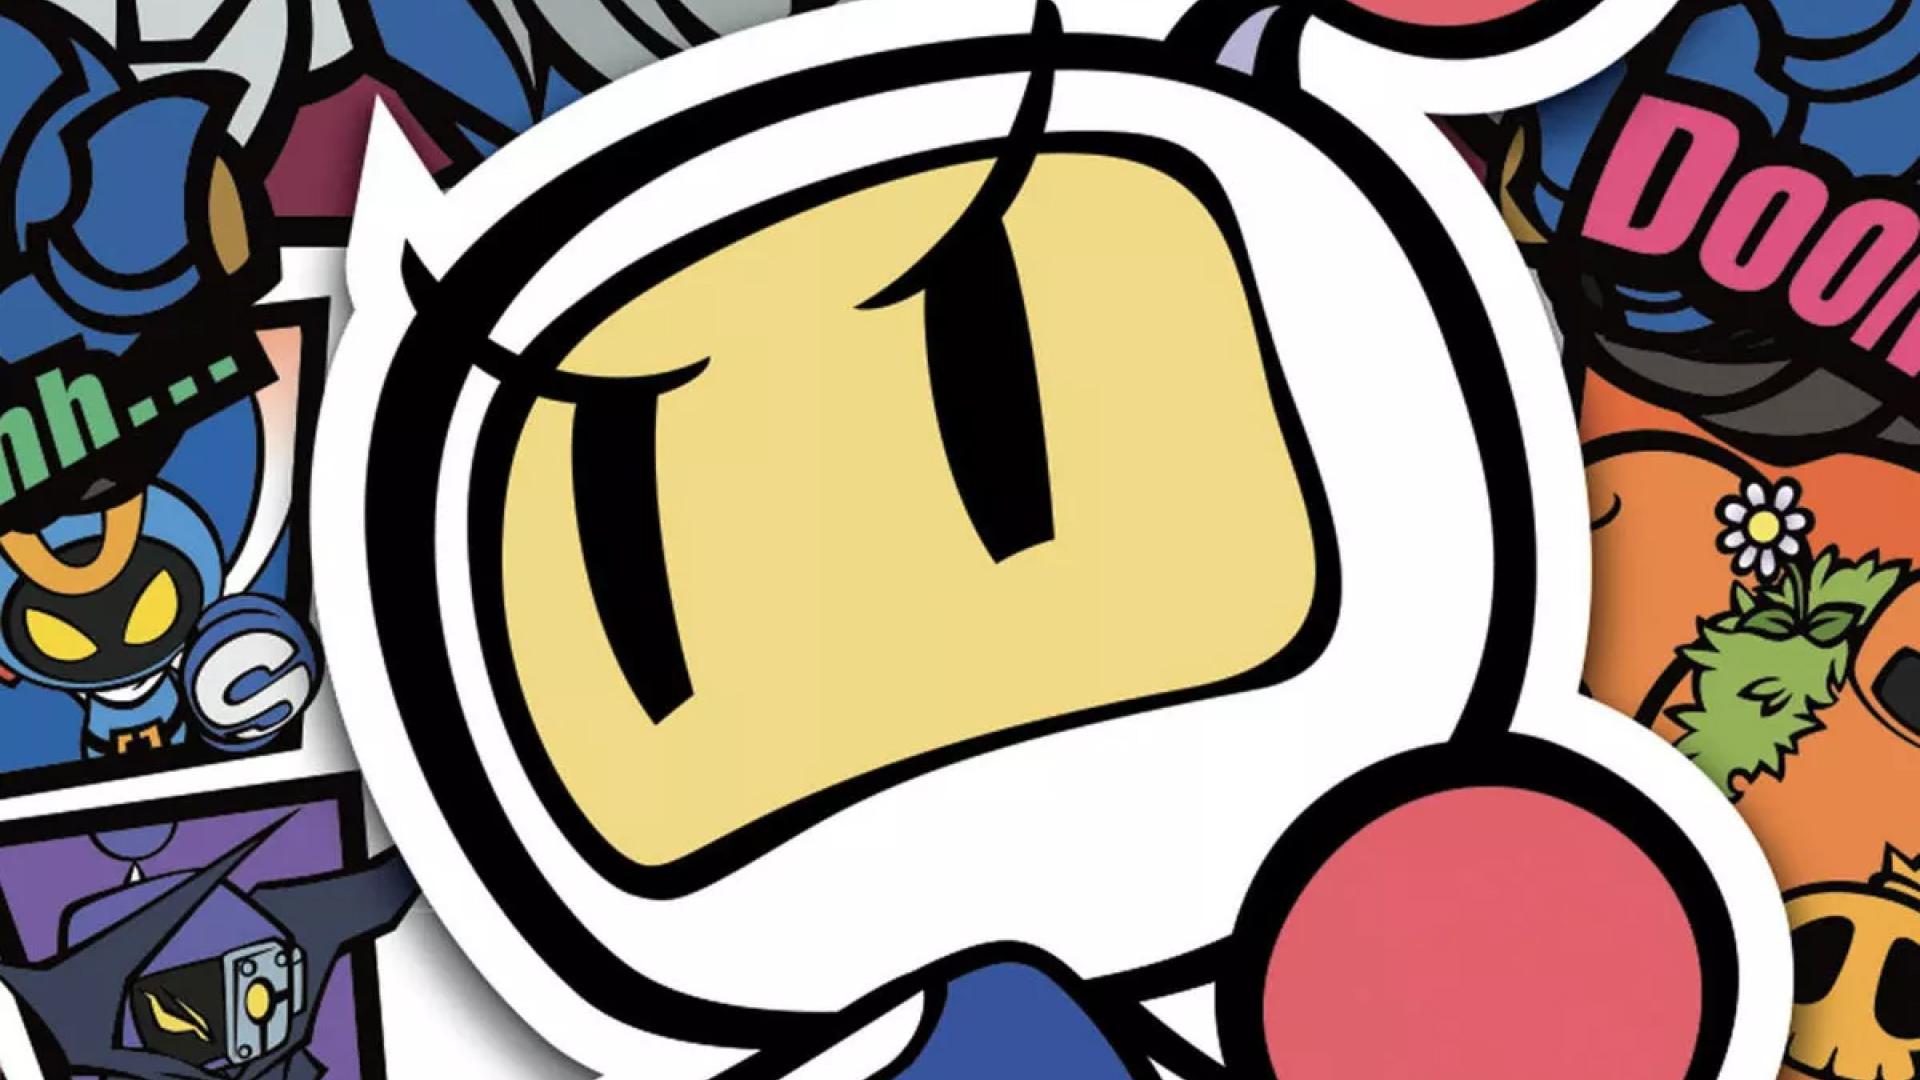 beste Bomber-Spiele für Android